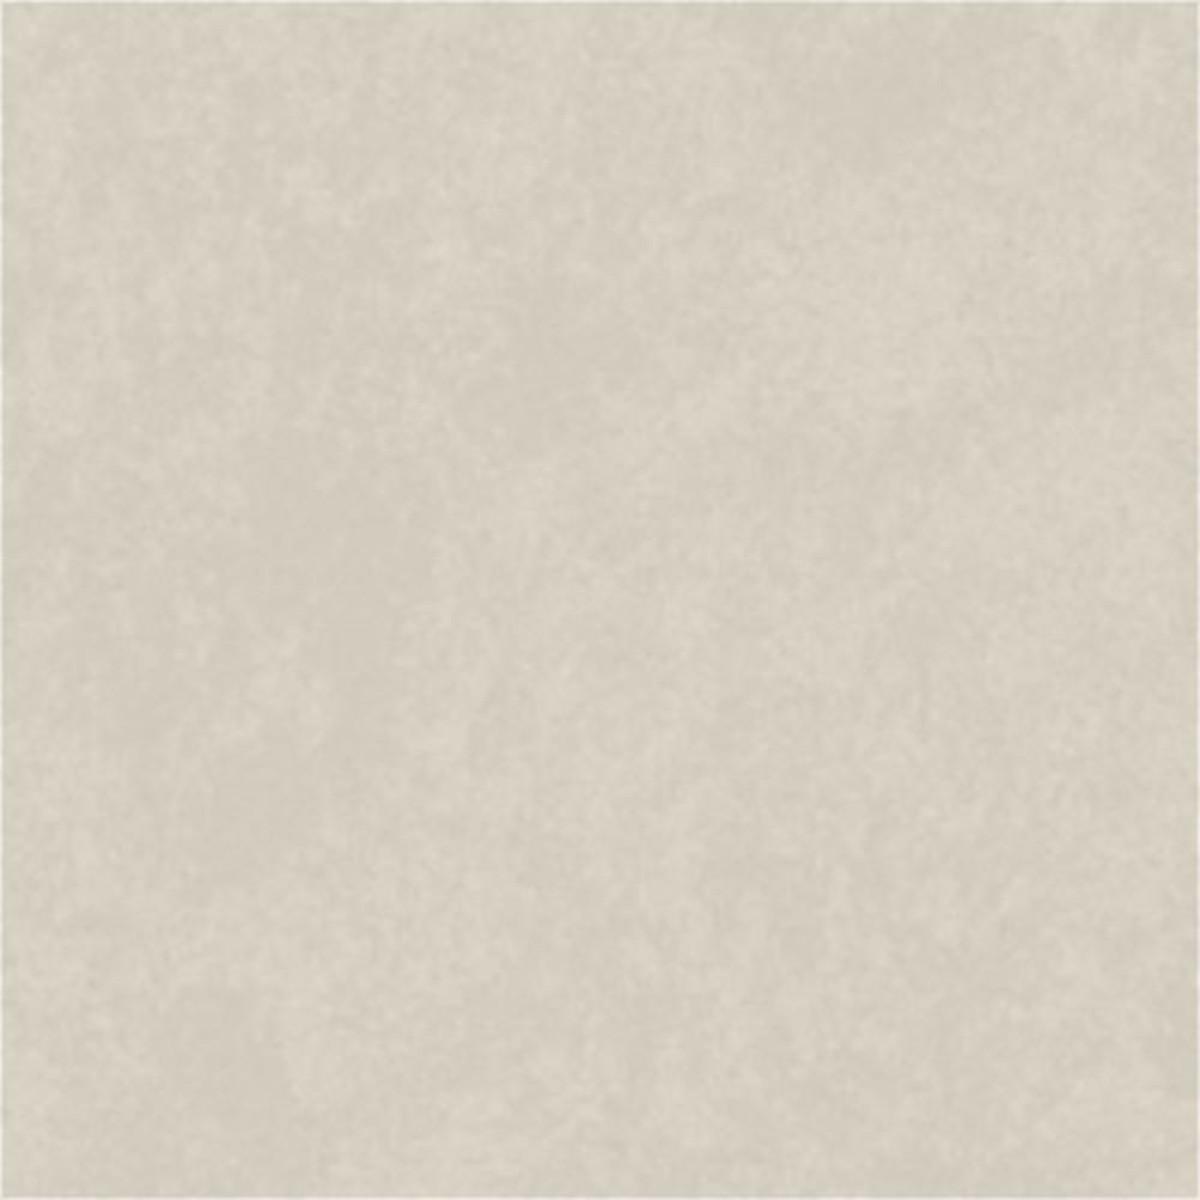 Обои флизелиновые Parato Galatea серые 0.53 м 3381